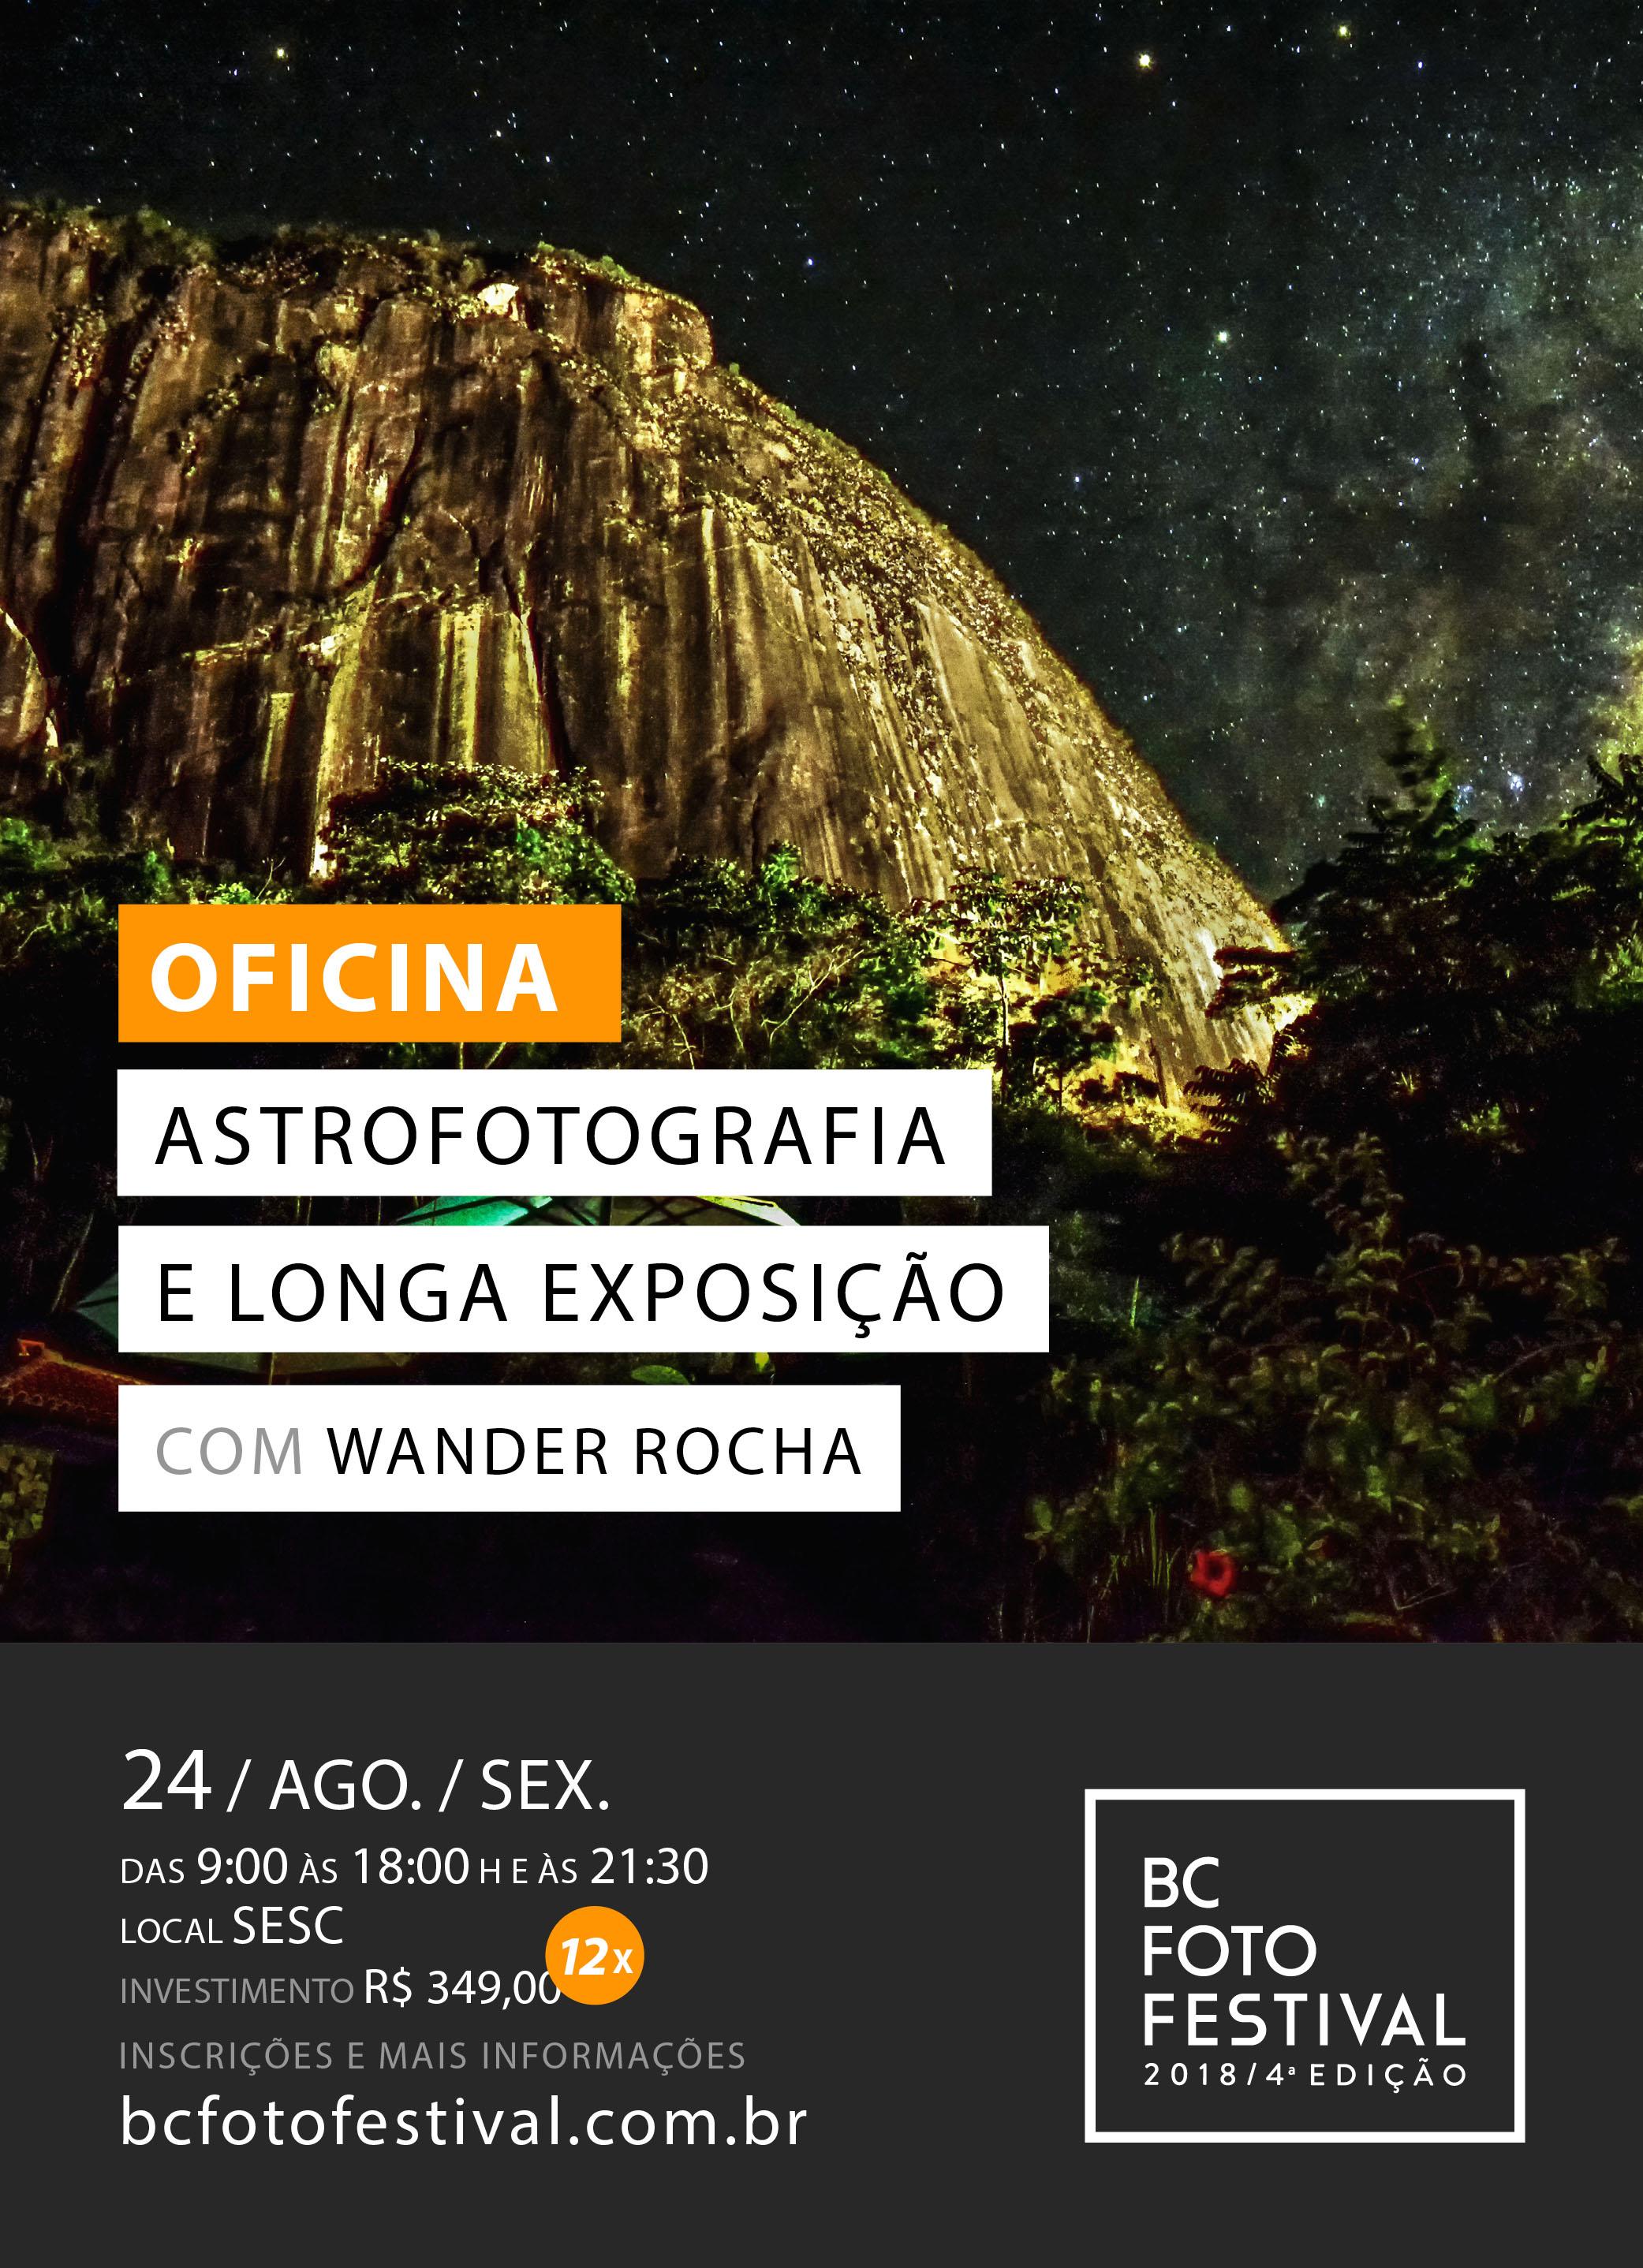 Oficina – Astrofotografia e Longa Exposição